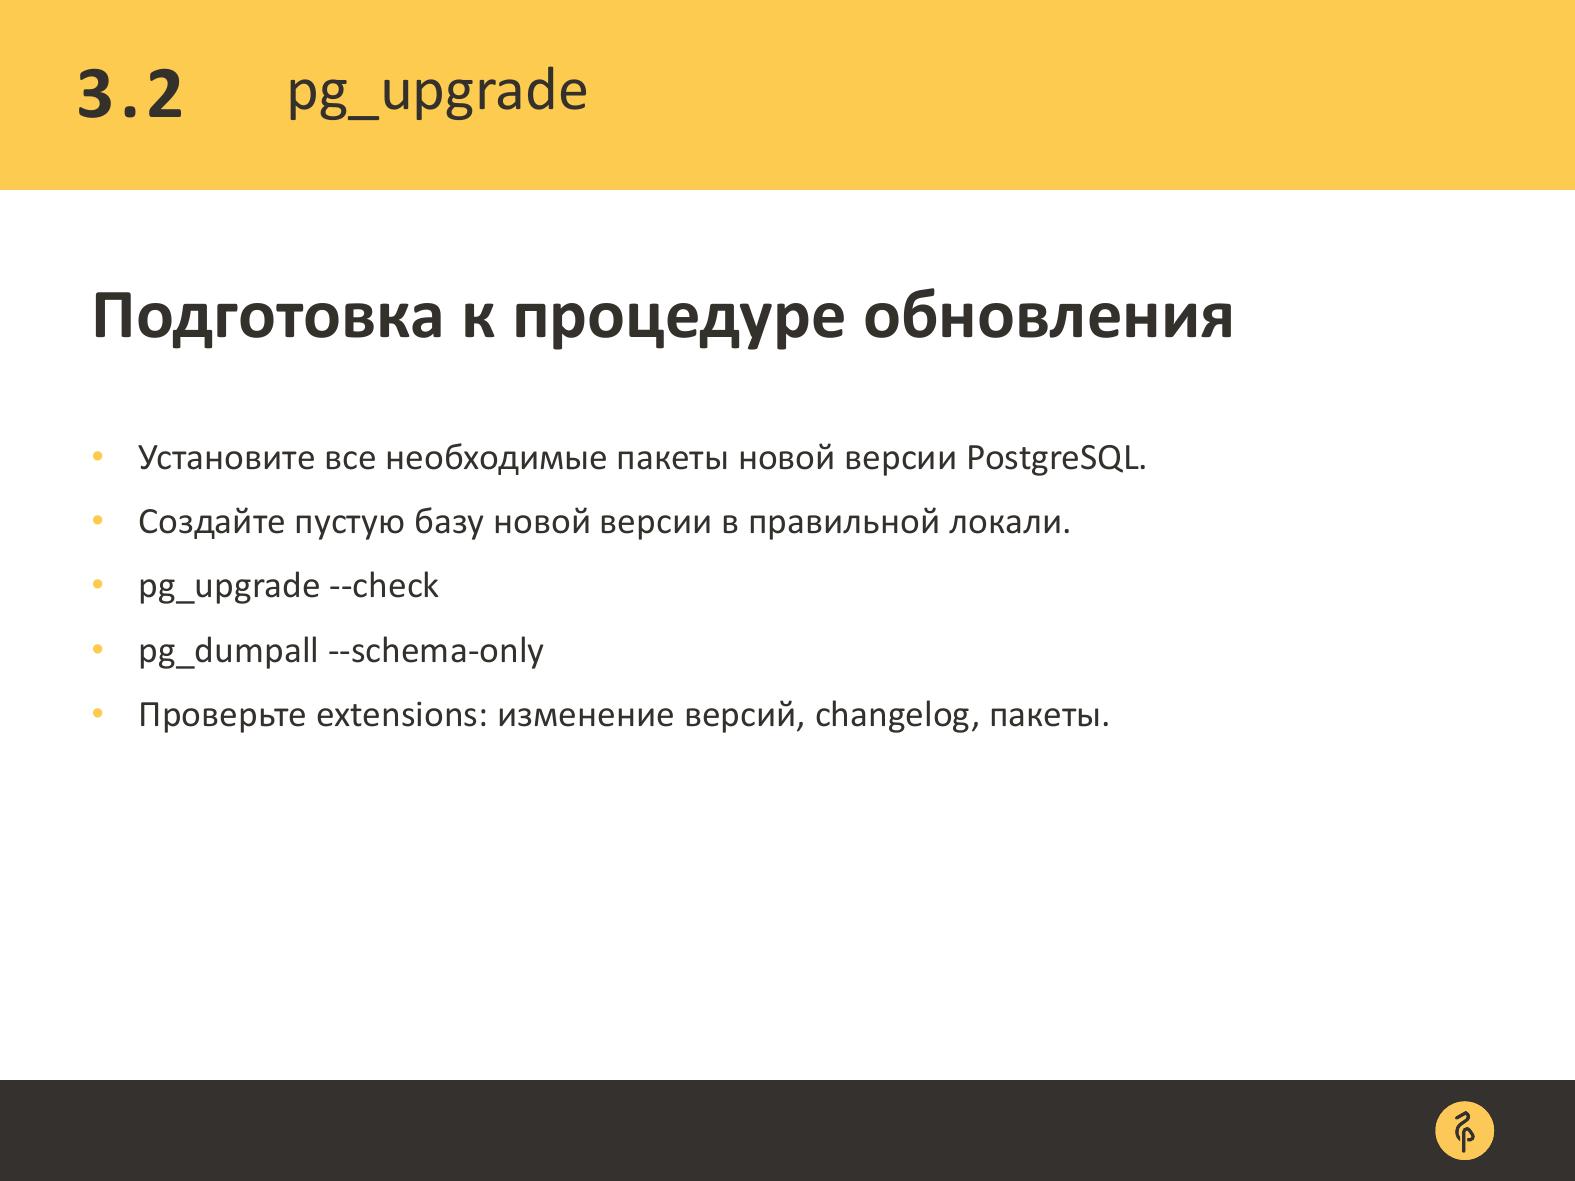 Практика обновления версий PostgreSQL. Андрей Сальников - 16